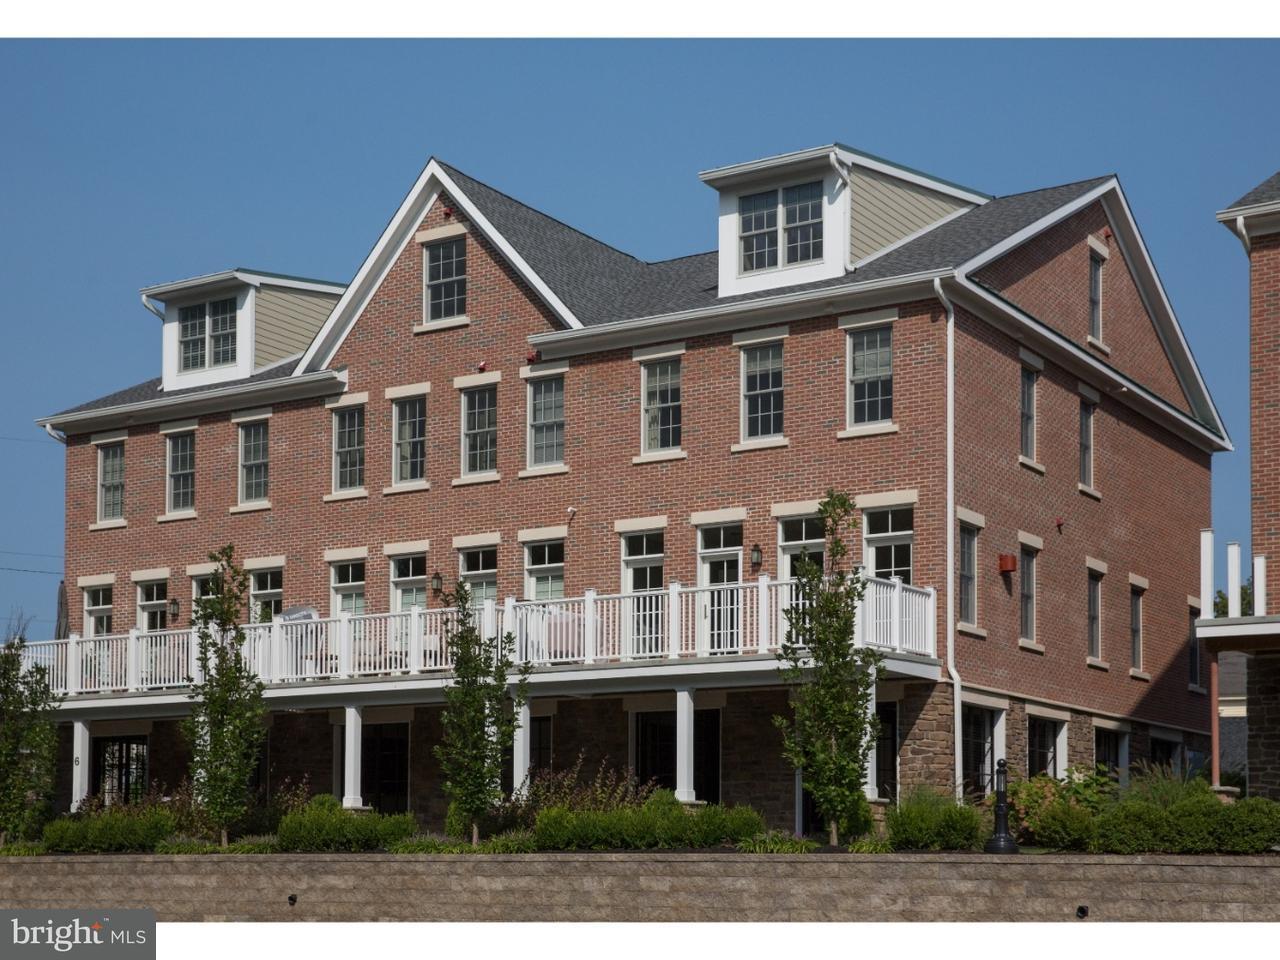 共管式独立产权公寓 为 销售 在 1 RIVER MILLS Drive 弗伦奇敦, 新泽西州 08825 美国在/周边: Frenchtown Borough